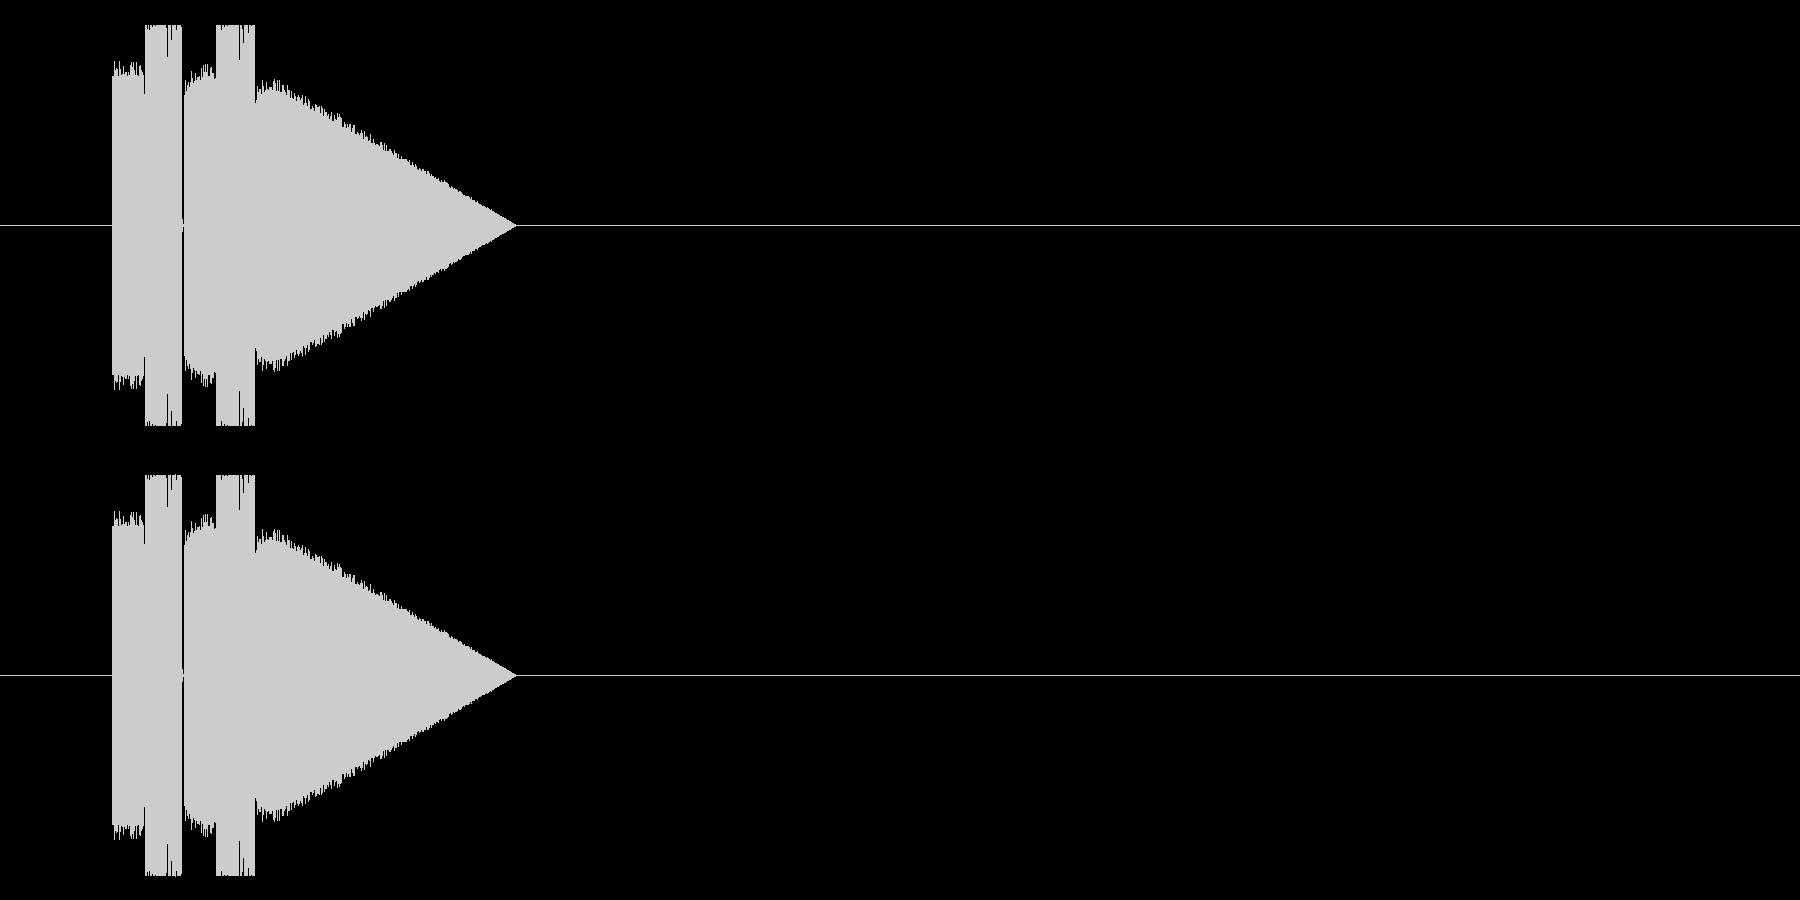 【GB 汎用03-05(ノイズ)】 の未再生の波形